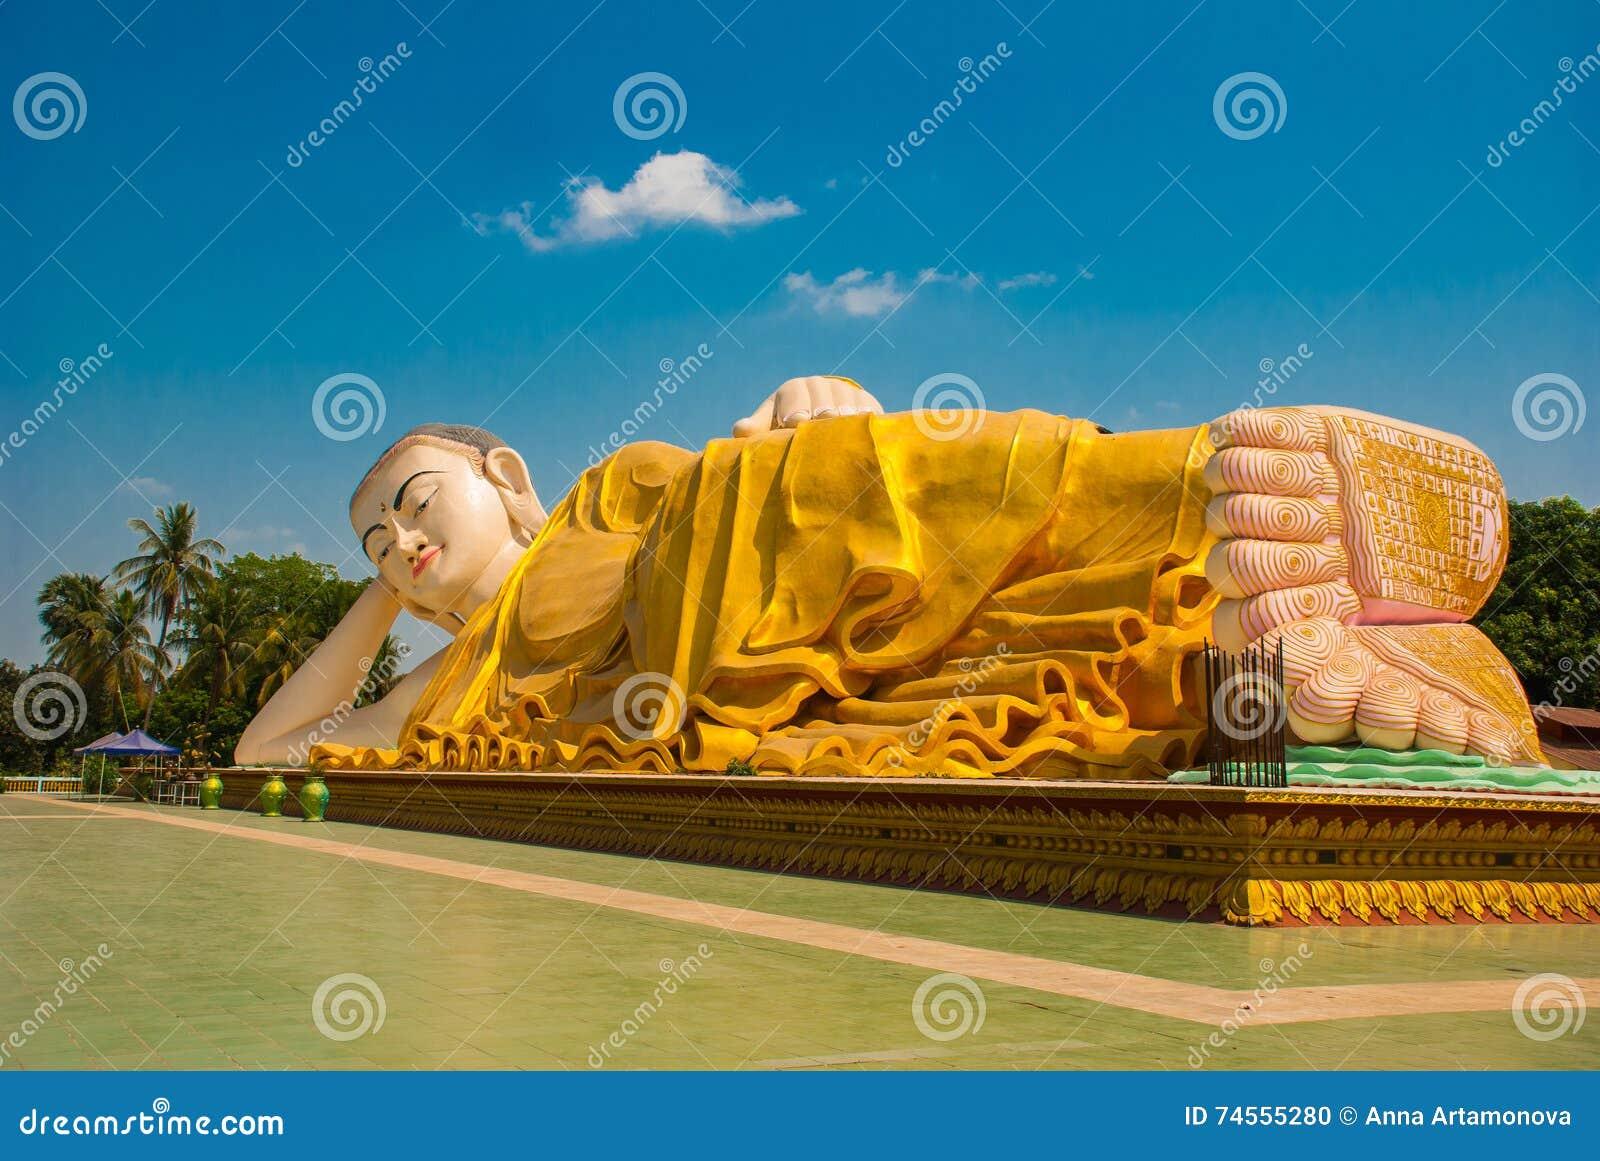 Los lenguados de los pies Mya Tha Lyaung Reclining Buddha Bago Myanma birmania